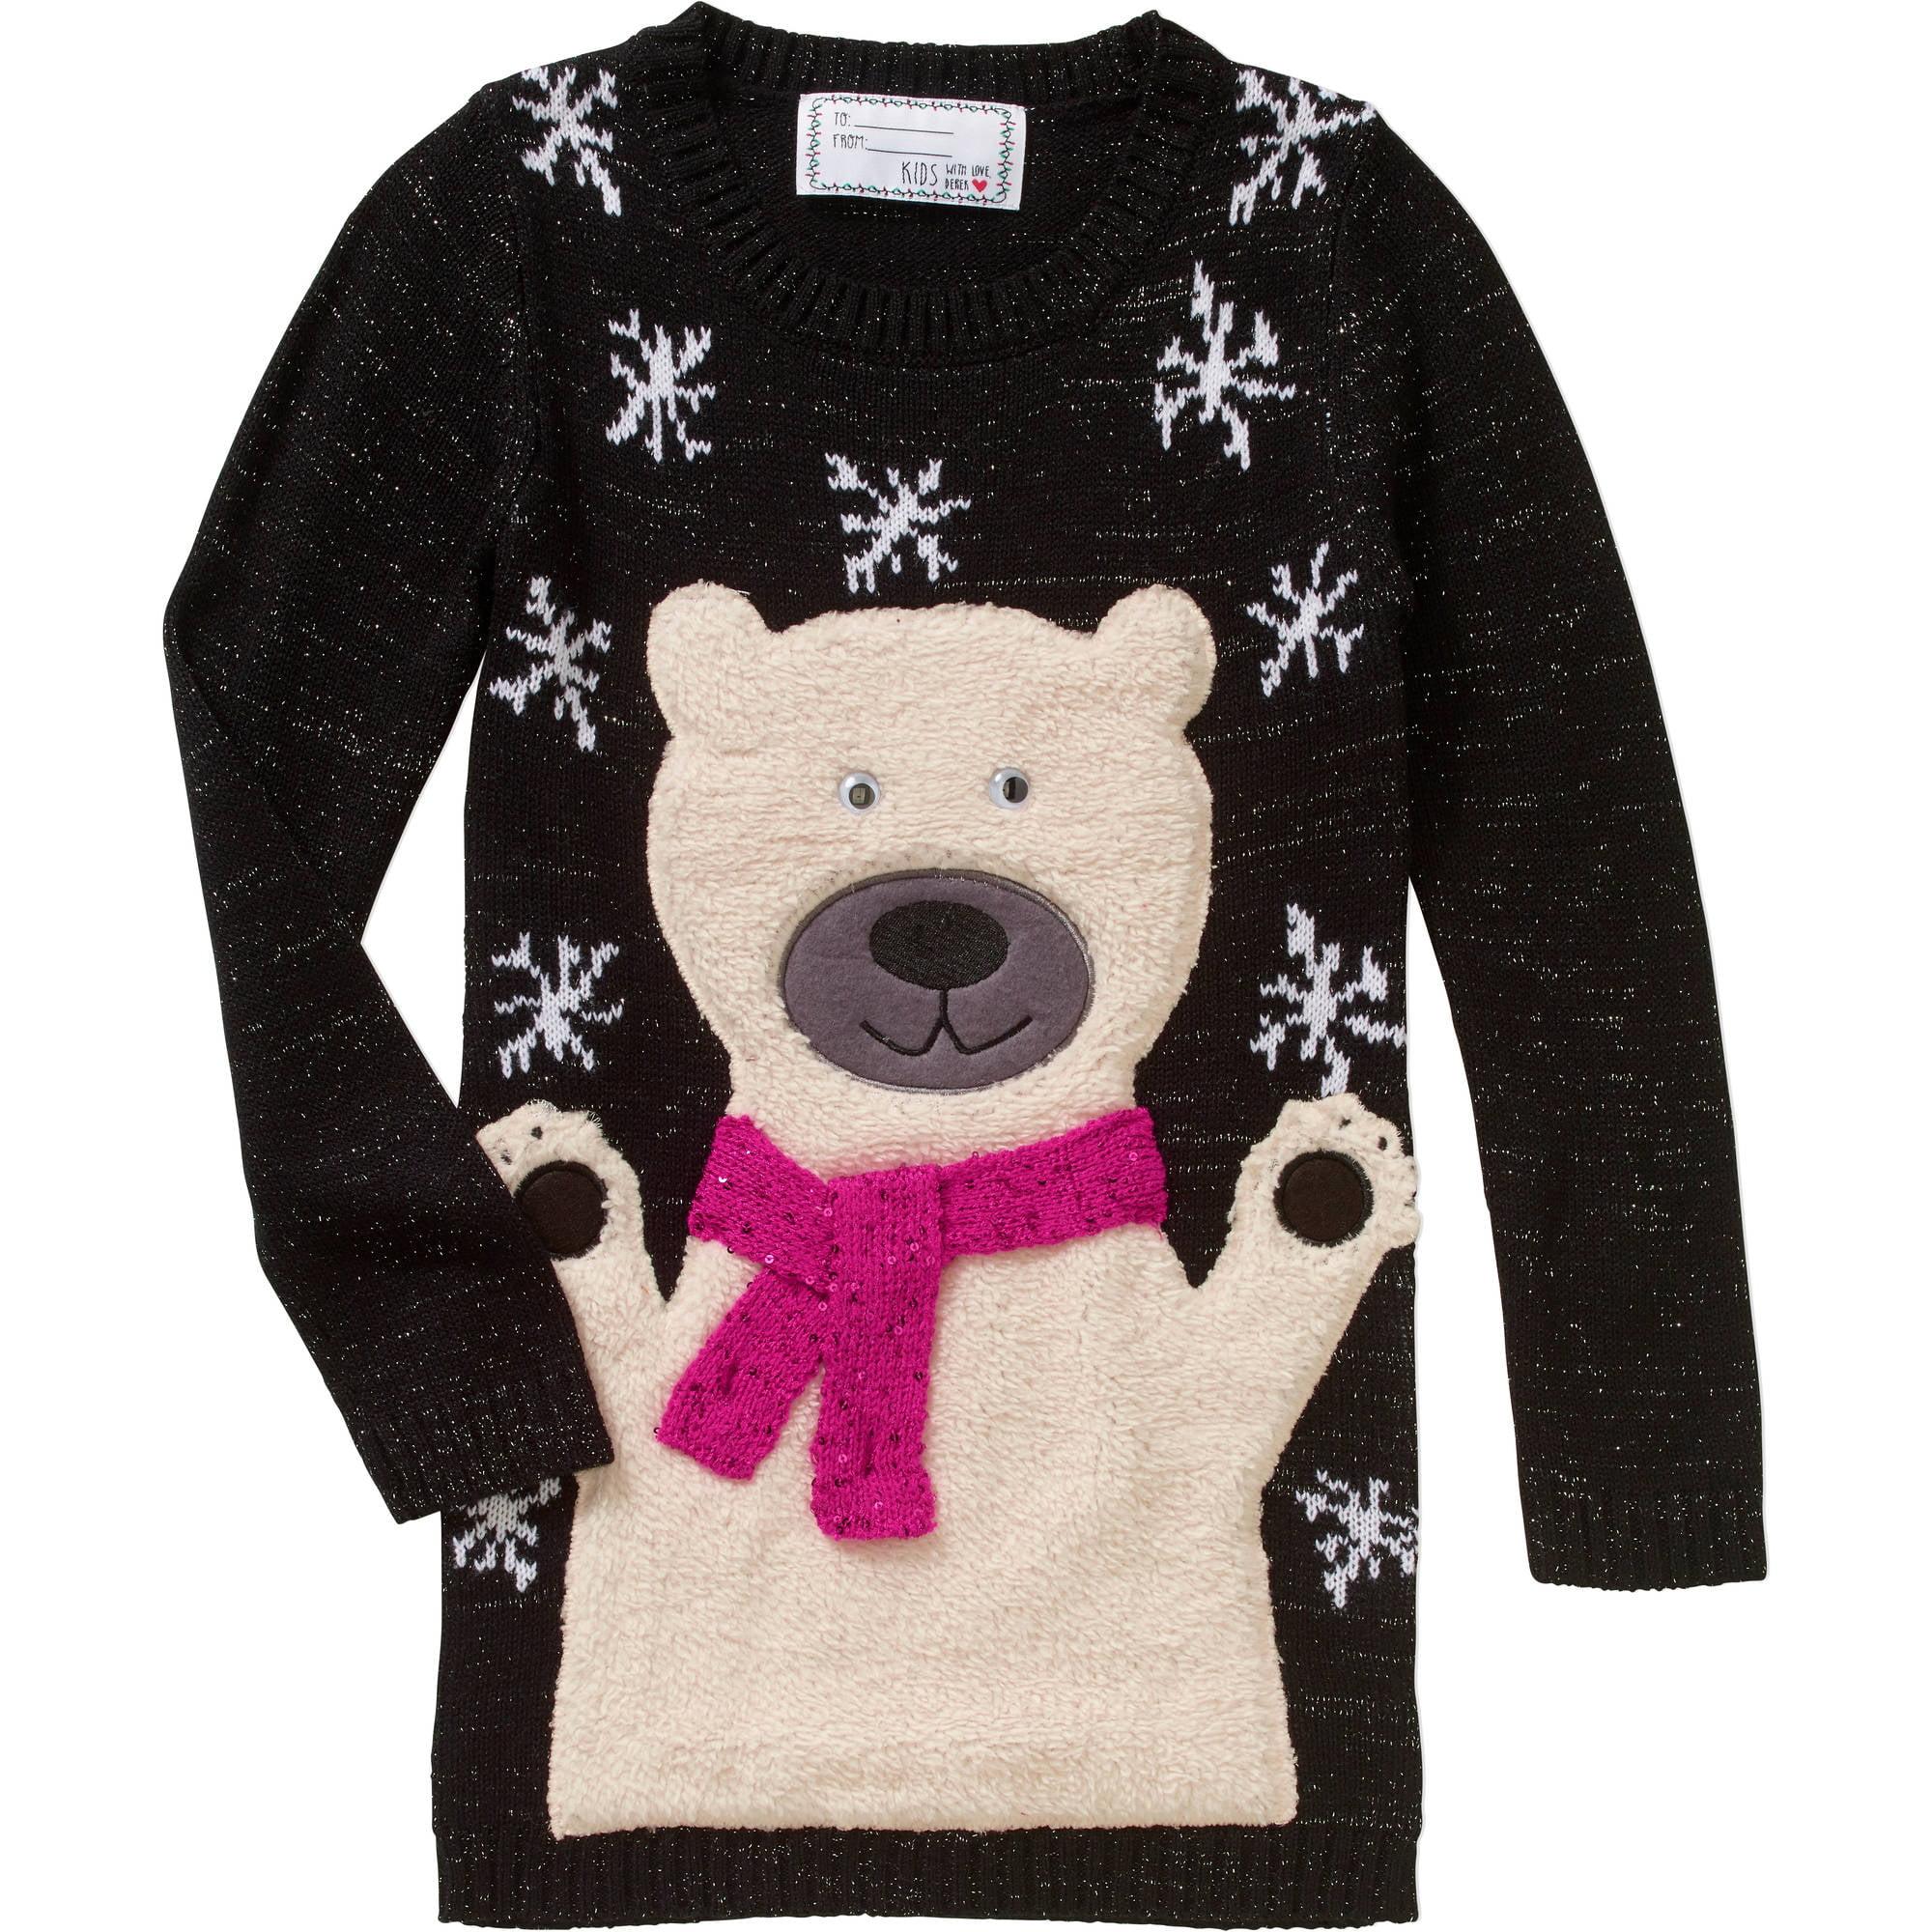 Derek Heart Girls Fuzzy Polar Bear Tunic with Sequins